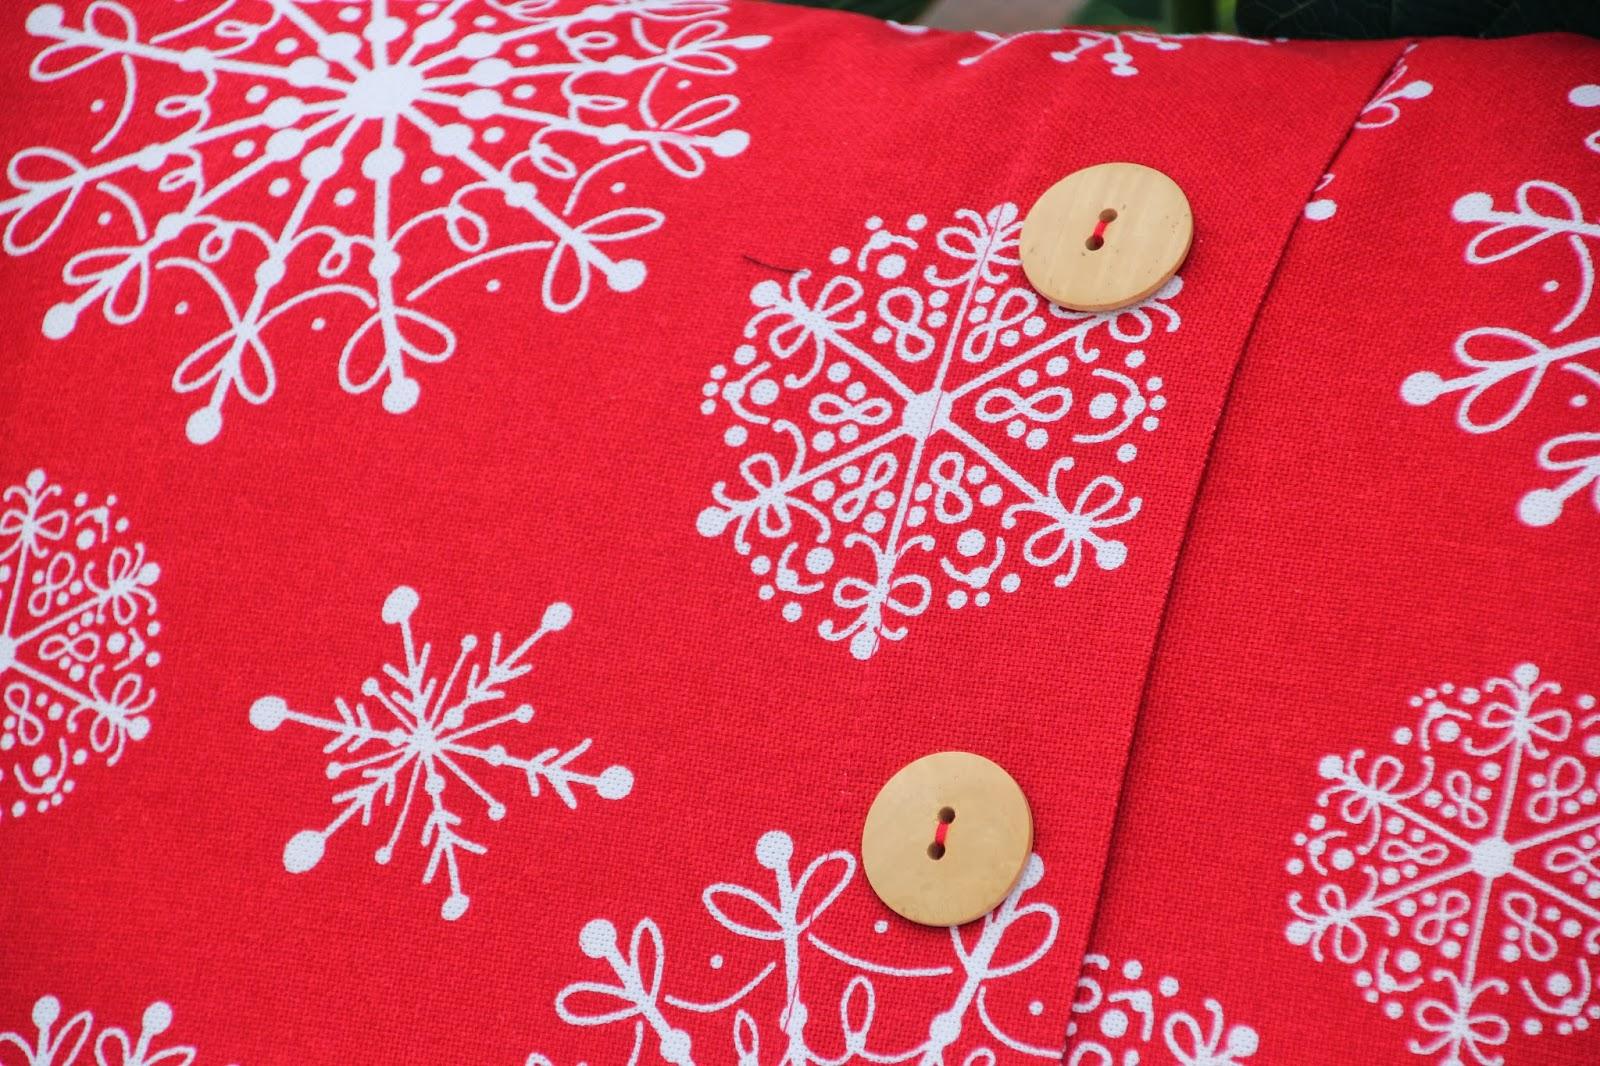 diy navidad cmo hacer cojines para decorar tu casa en navidad